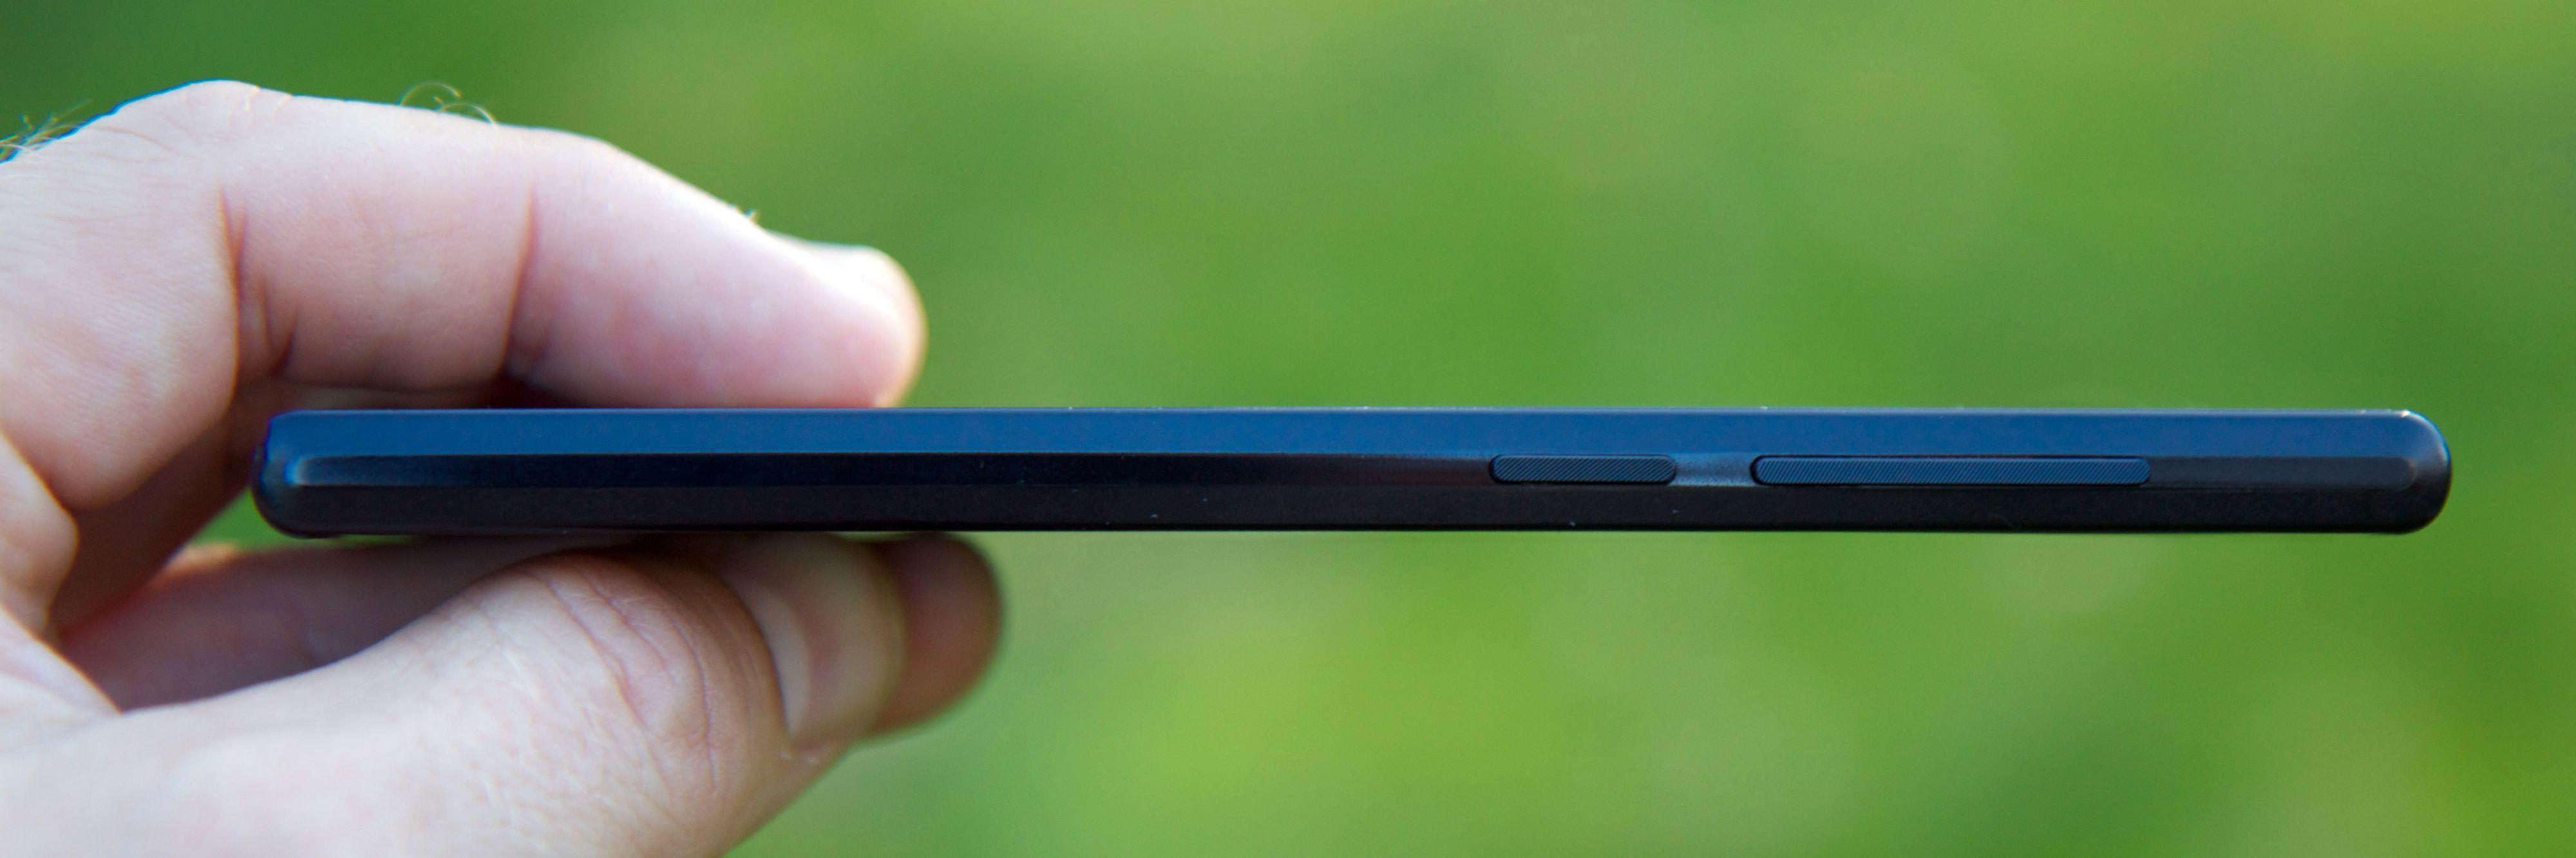 Blade Vec 4G er en slank og elegant smartmobil.Foto: Kurt Lekanger, Tek.no